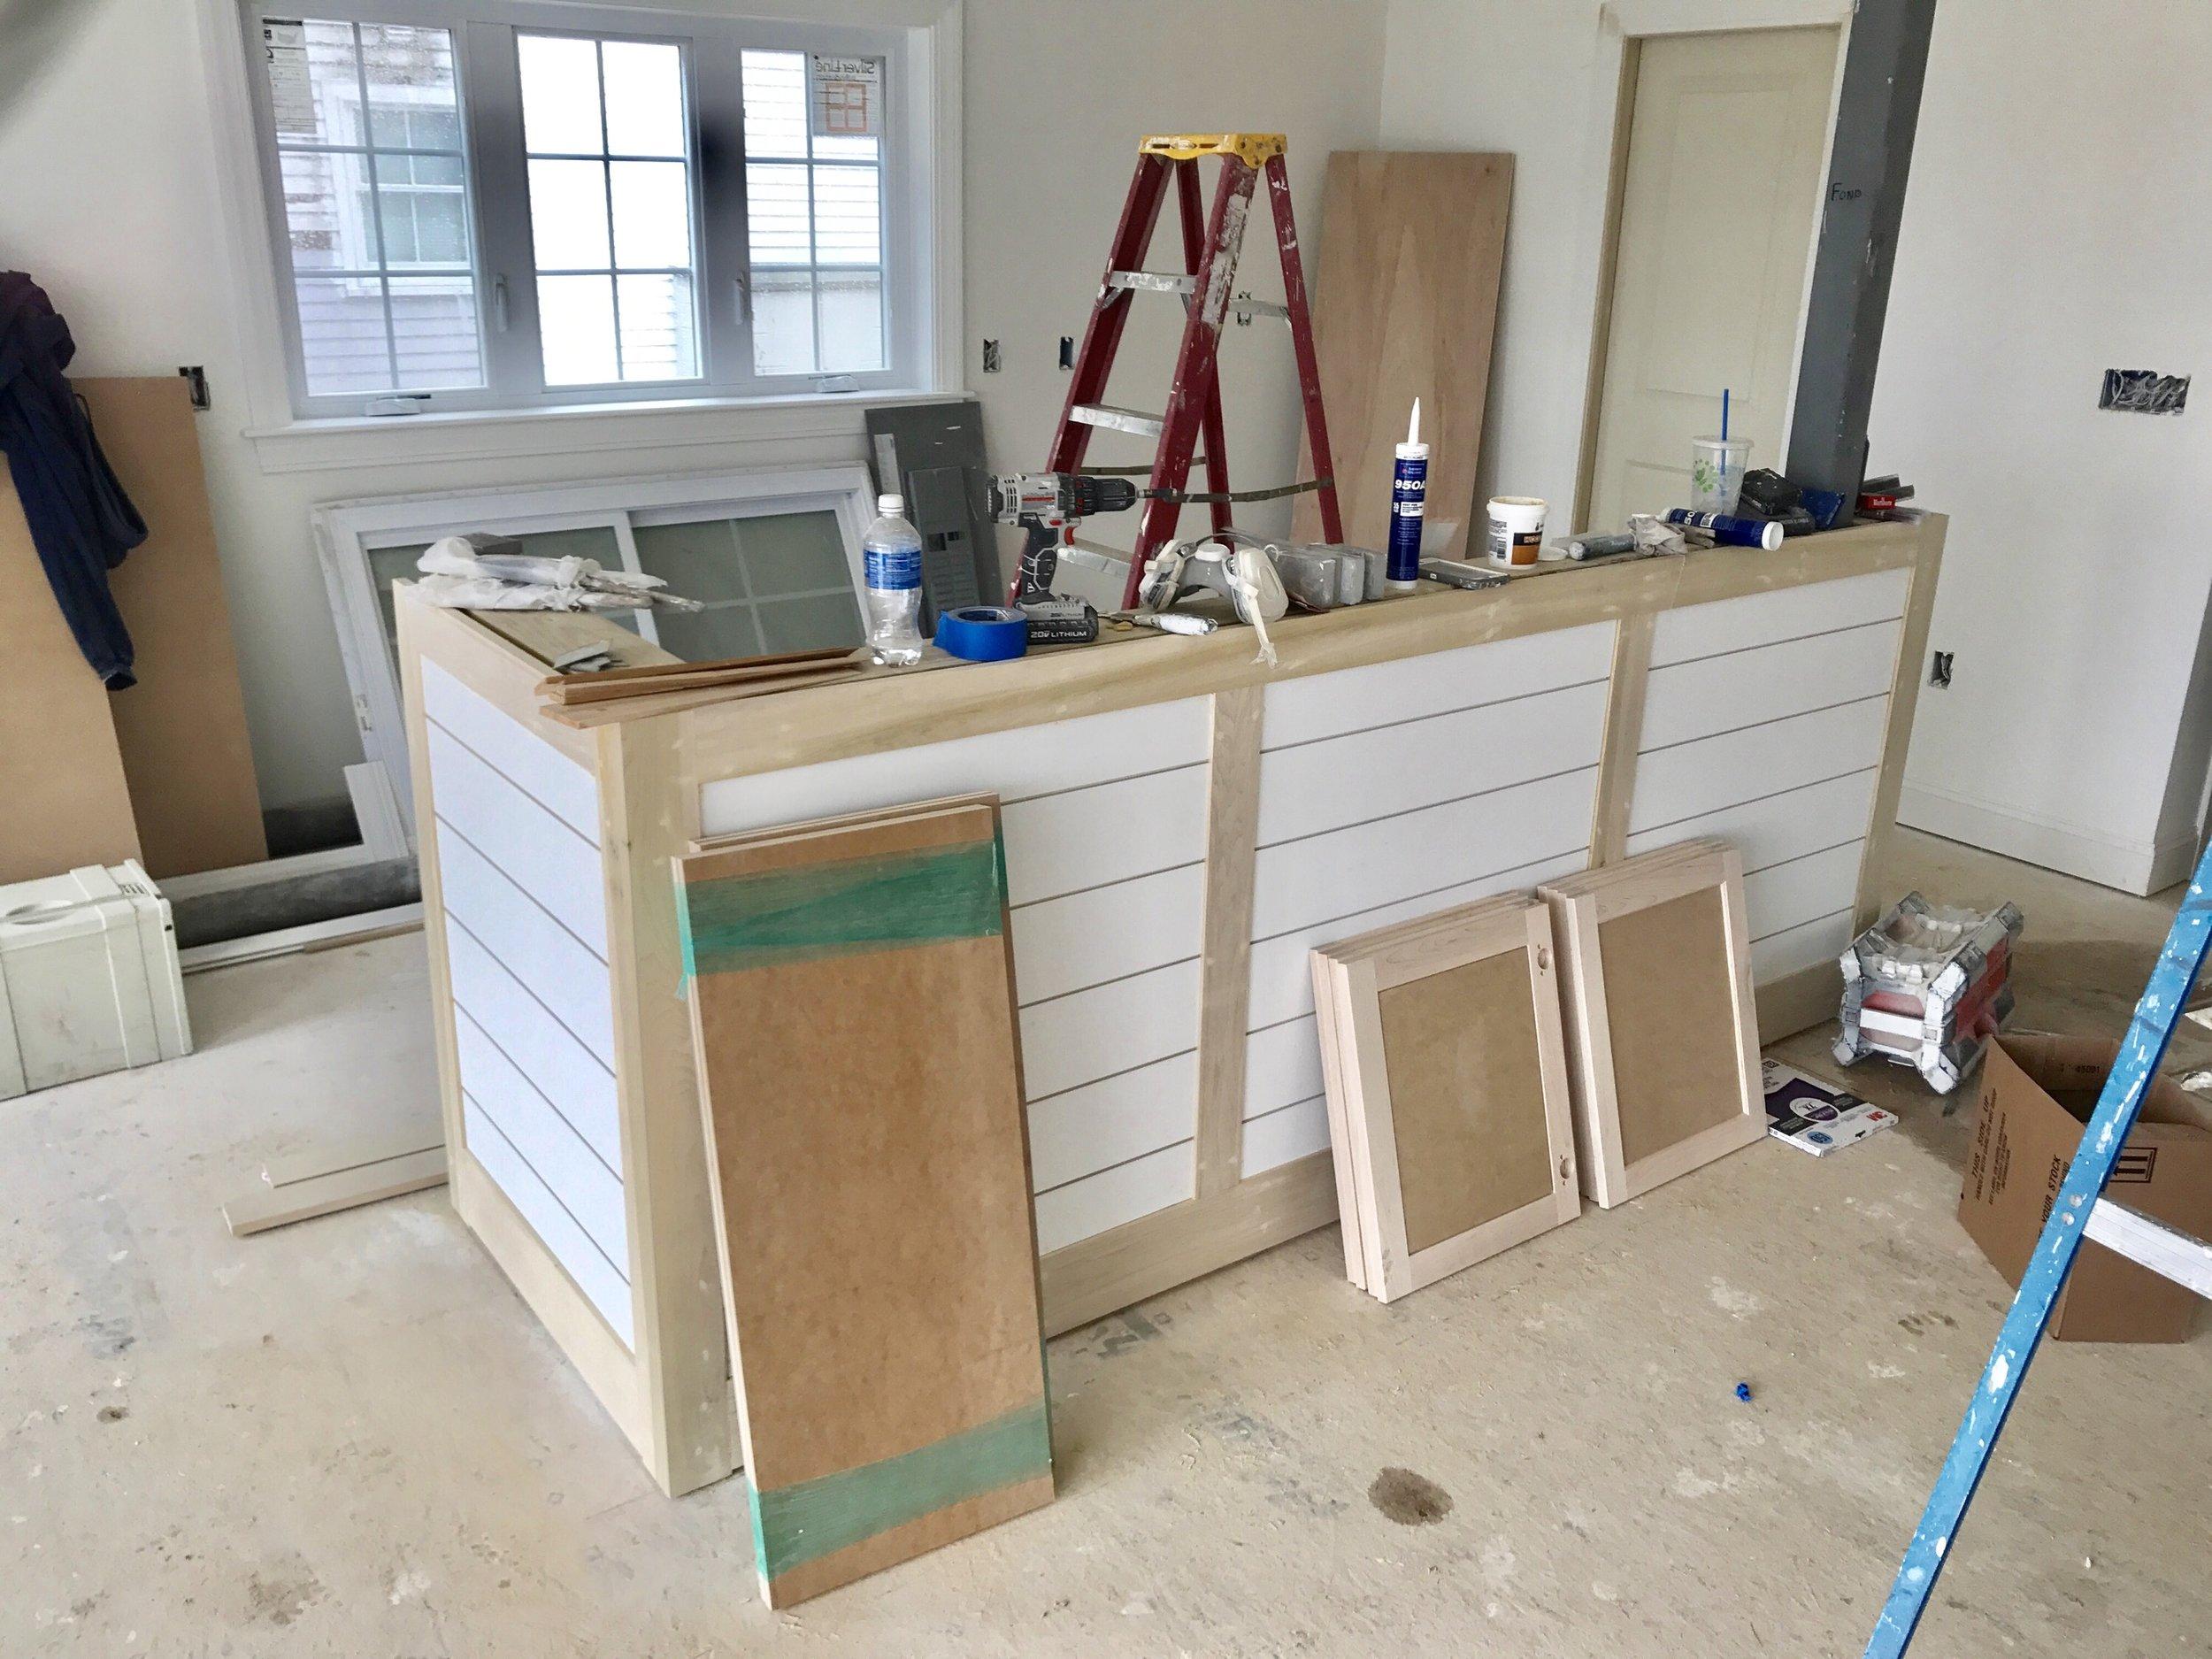 62 Marg Kitchen 3-22-18.jpg